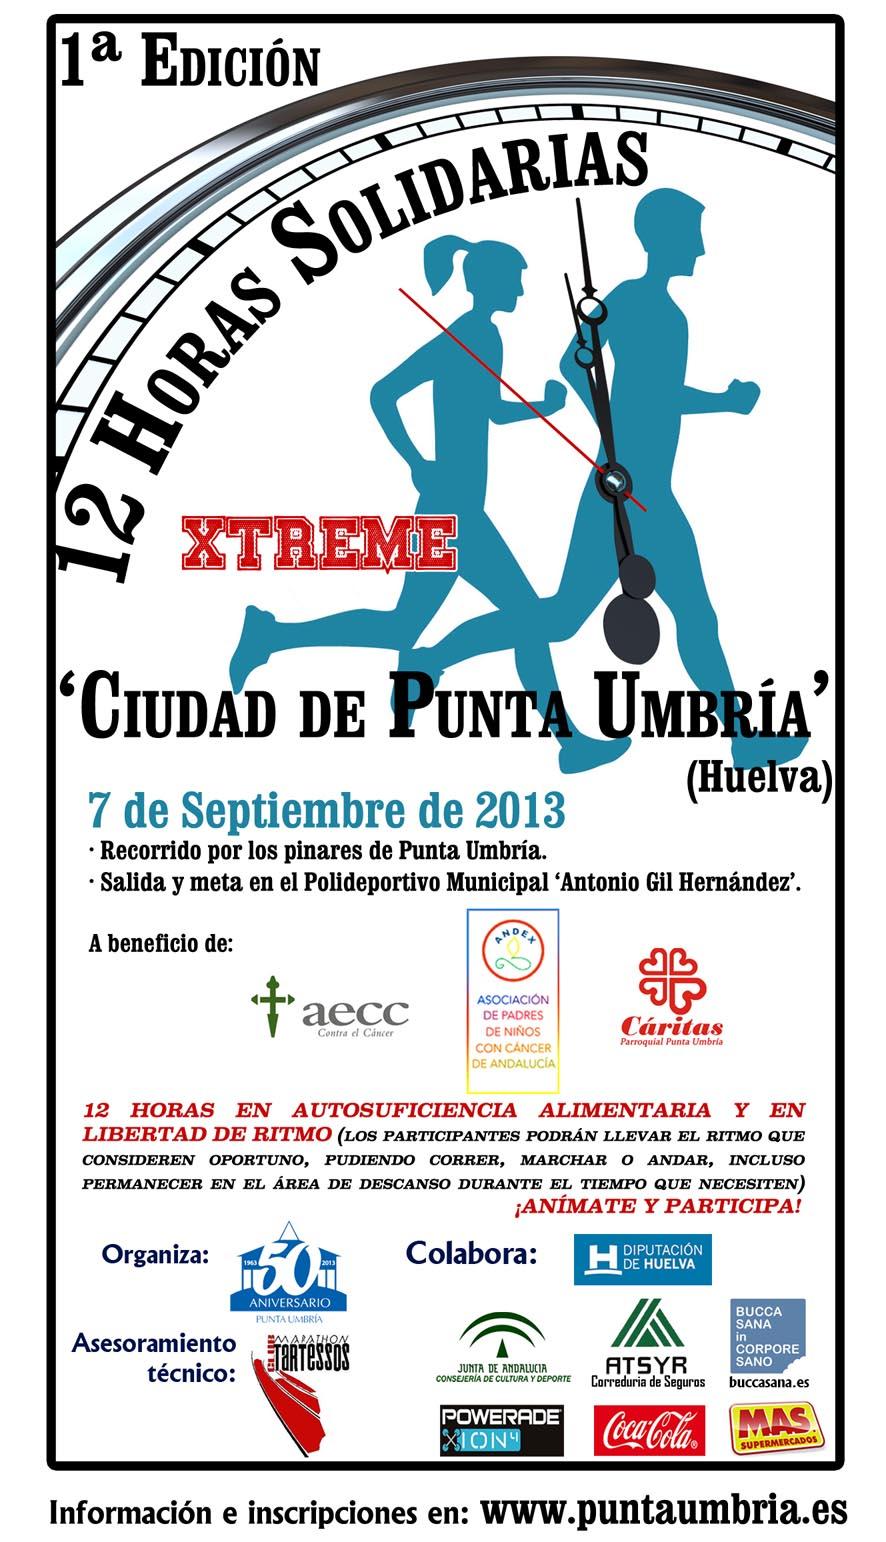 12 Horas Solidarias Xtreme 'Ciudad de Punta Umbría' Cartel_12_horas_solidarias_2_web1374826882918